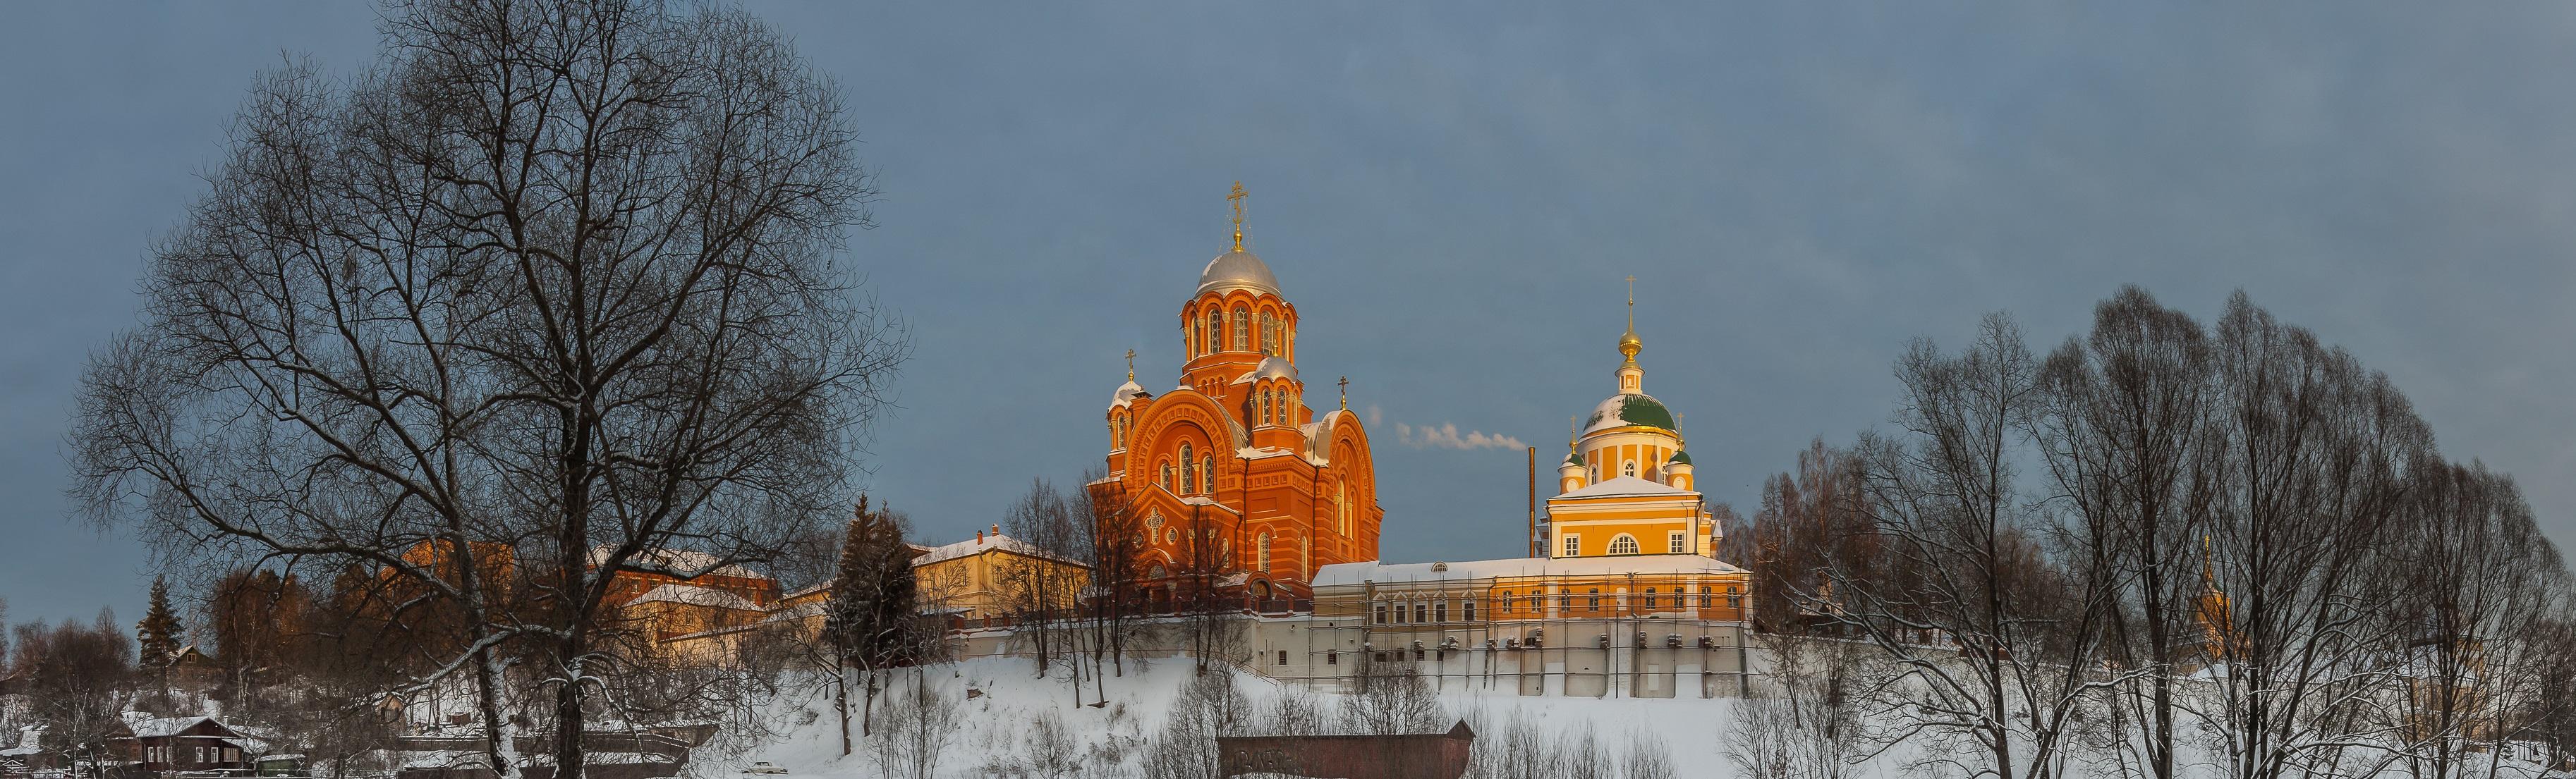 Грузоперевозки из Москвы в Хотьково